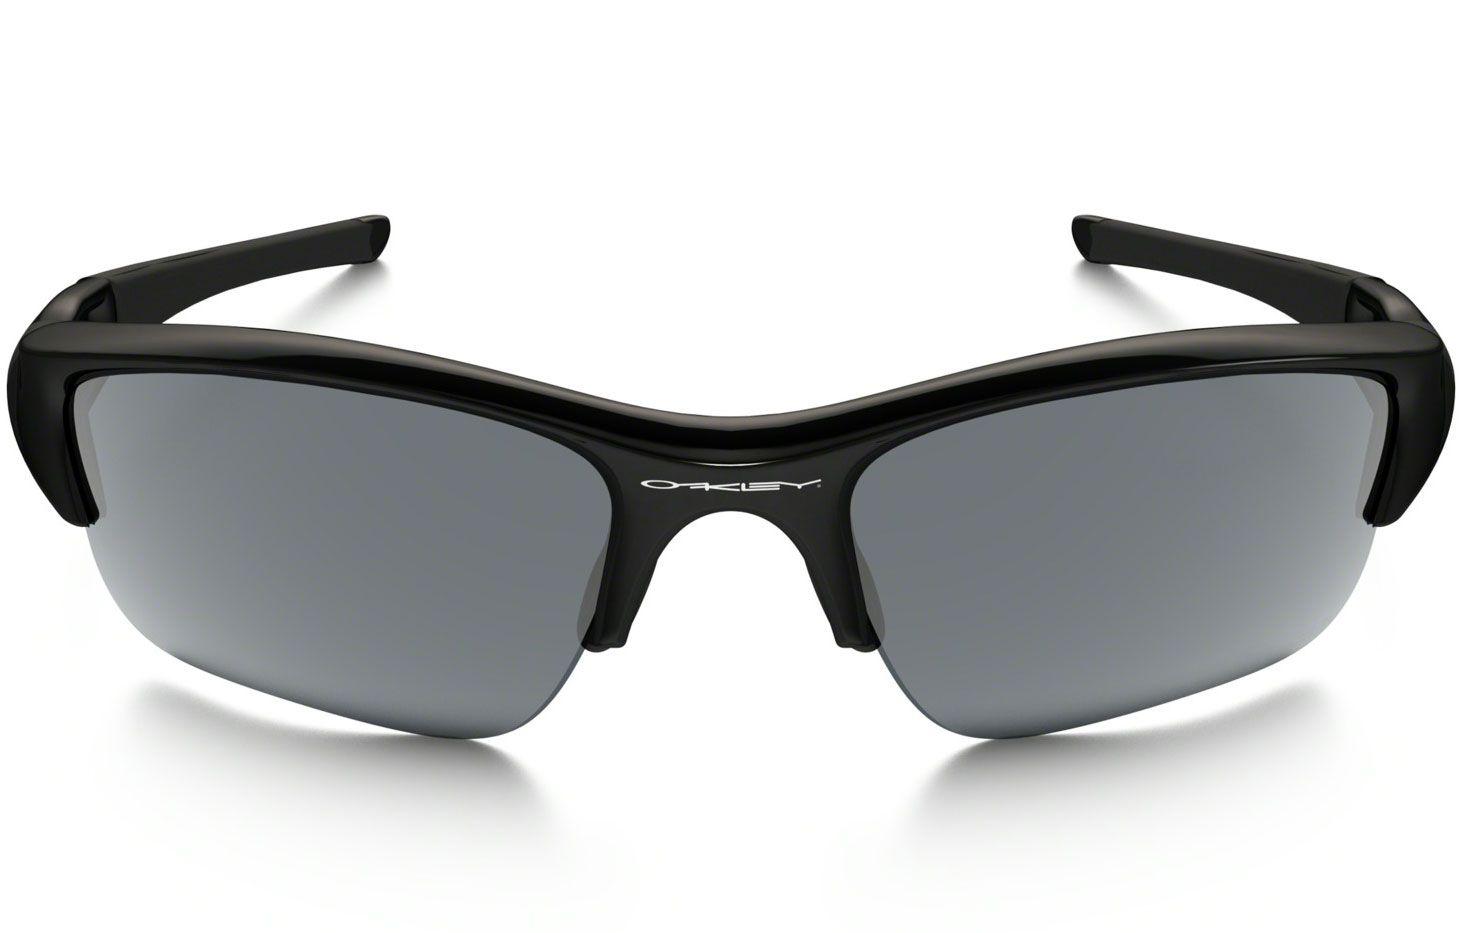 c6d8df9fe4 Oakley Polarized Flak Jacket Wrap Black Sunglasses - OO9011 12-903 63.  Oakley OO9011 12-903 63 - 1